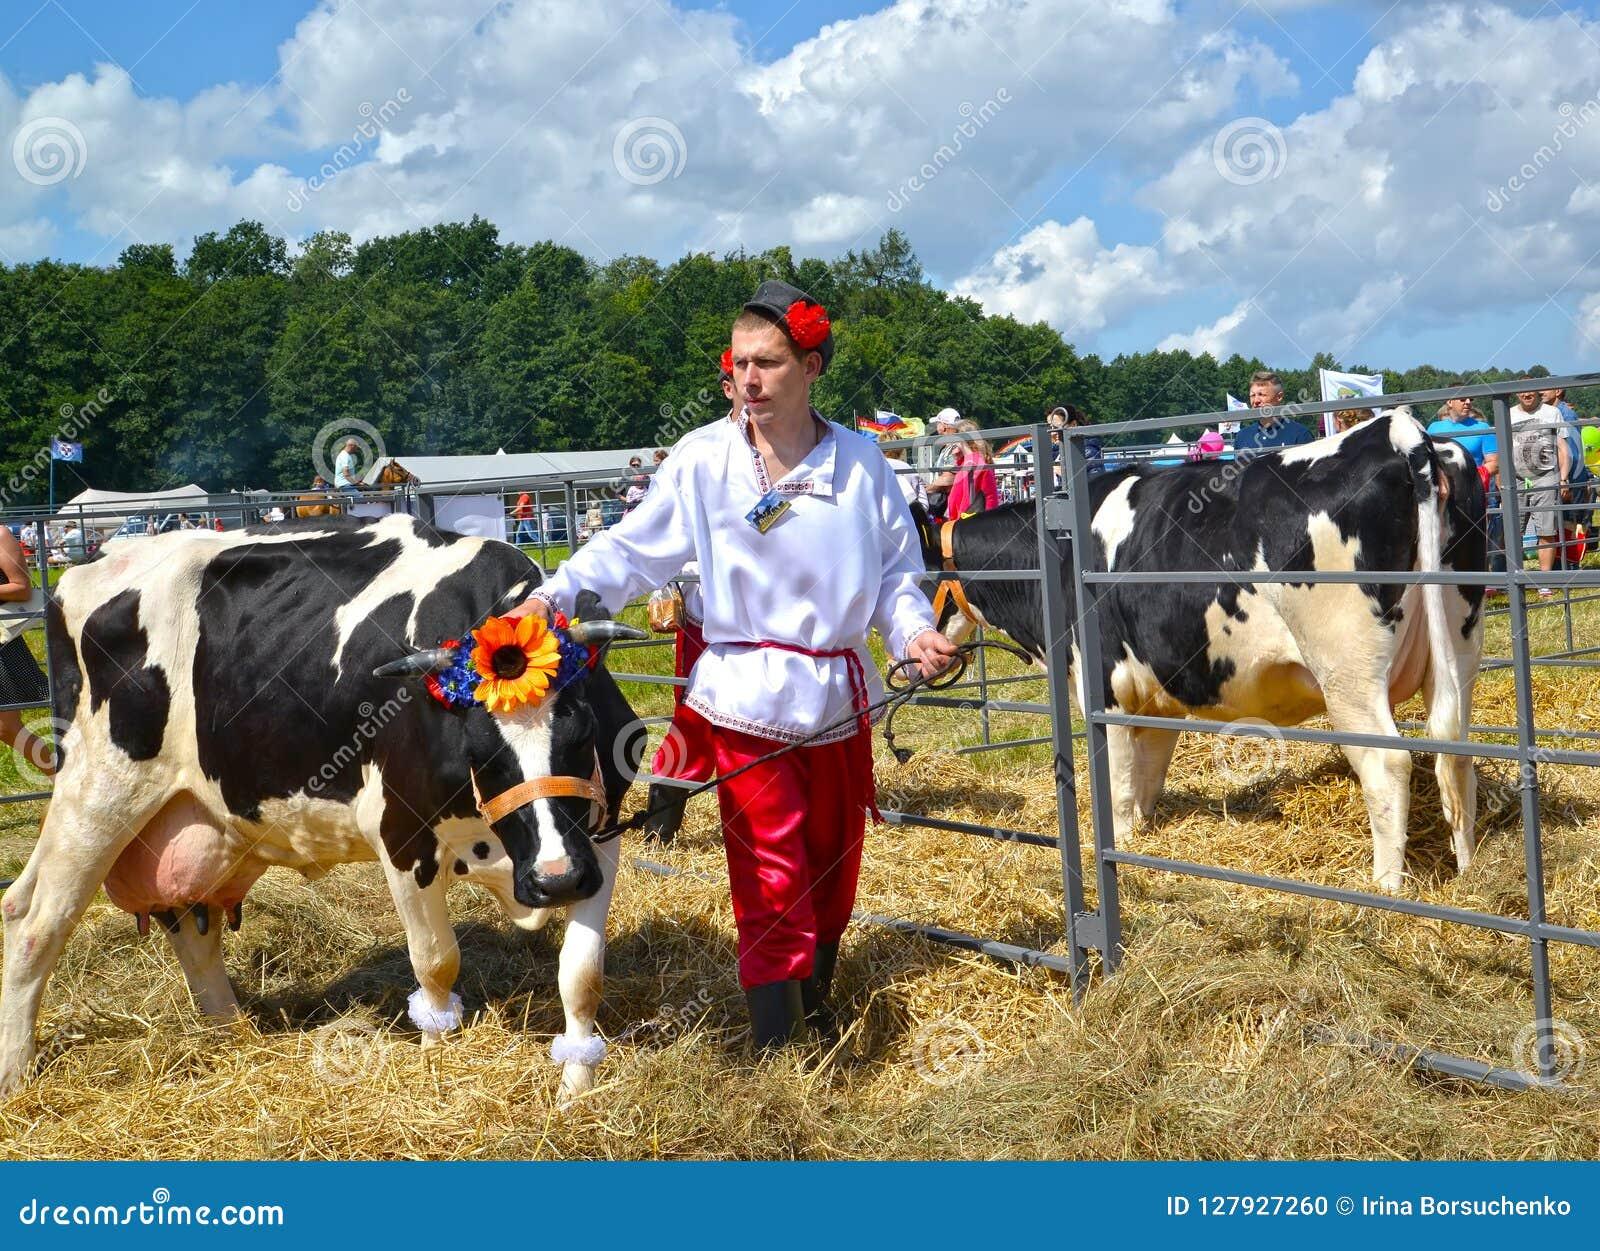 Область Калининграда, Россия Реактор-размножител фермер-скотин проводит на поводке корову черноты и породу motley Аграрный праздн